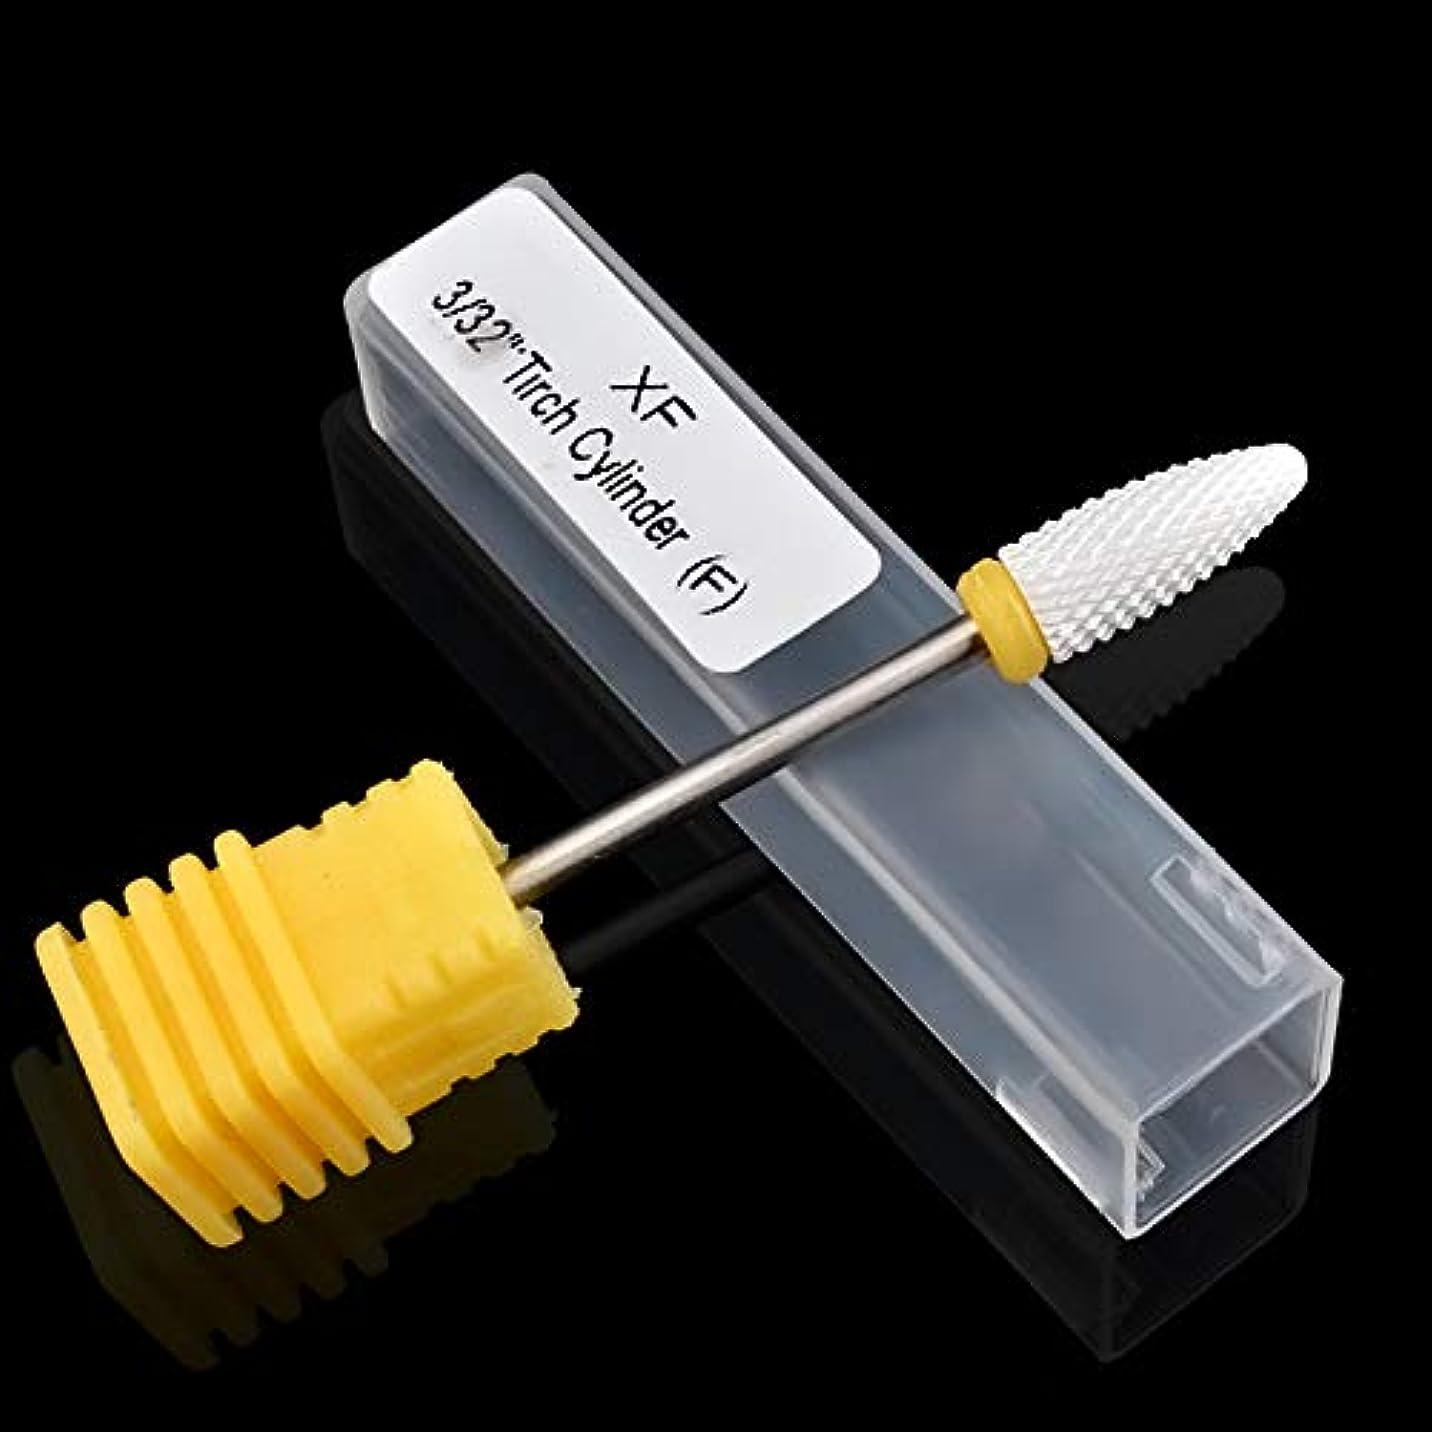 士気思い出す毎日CELINEZL CELINEZLネイルセラミック円筒コーン型電力研削ヘッド、サイズ:49 * 6 mm(ブラック) (色 : 黄)